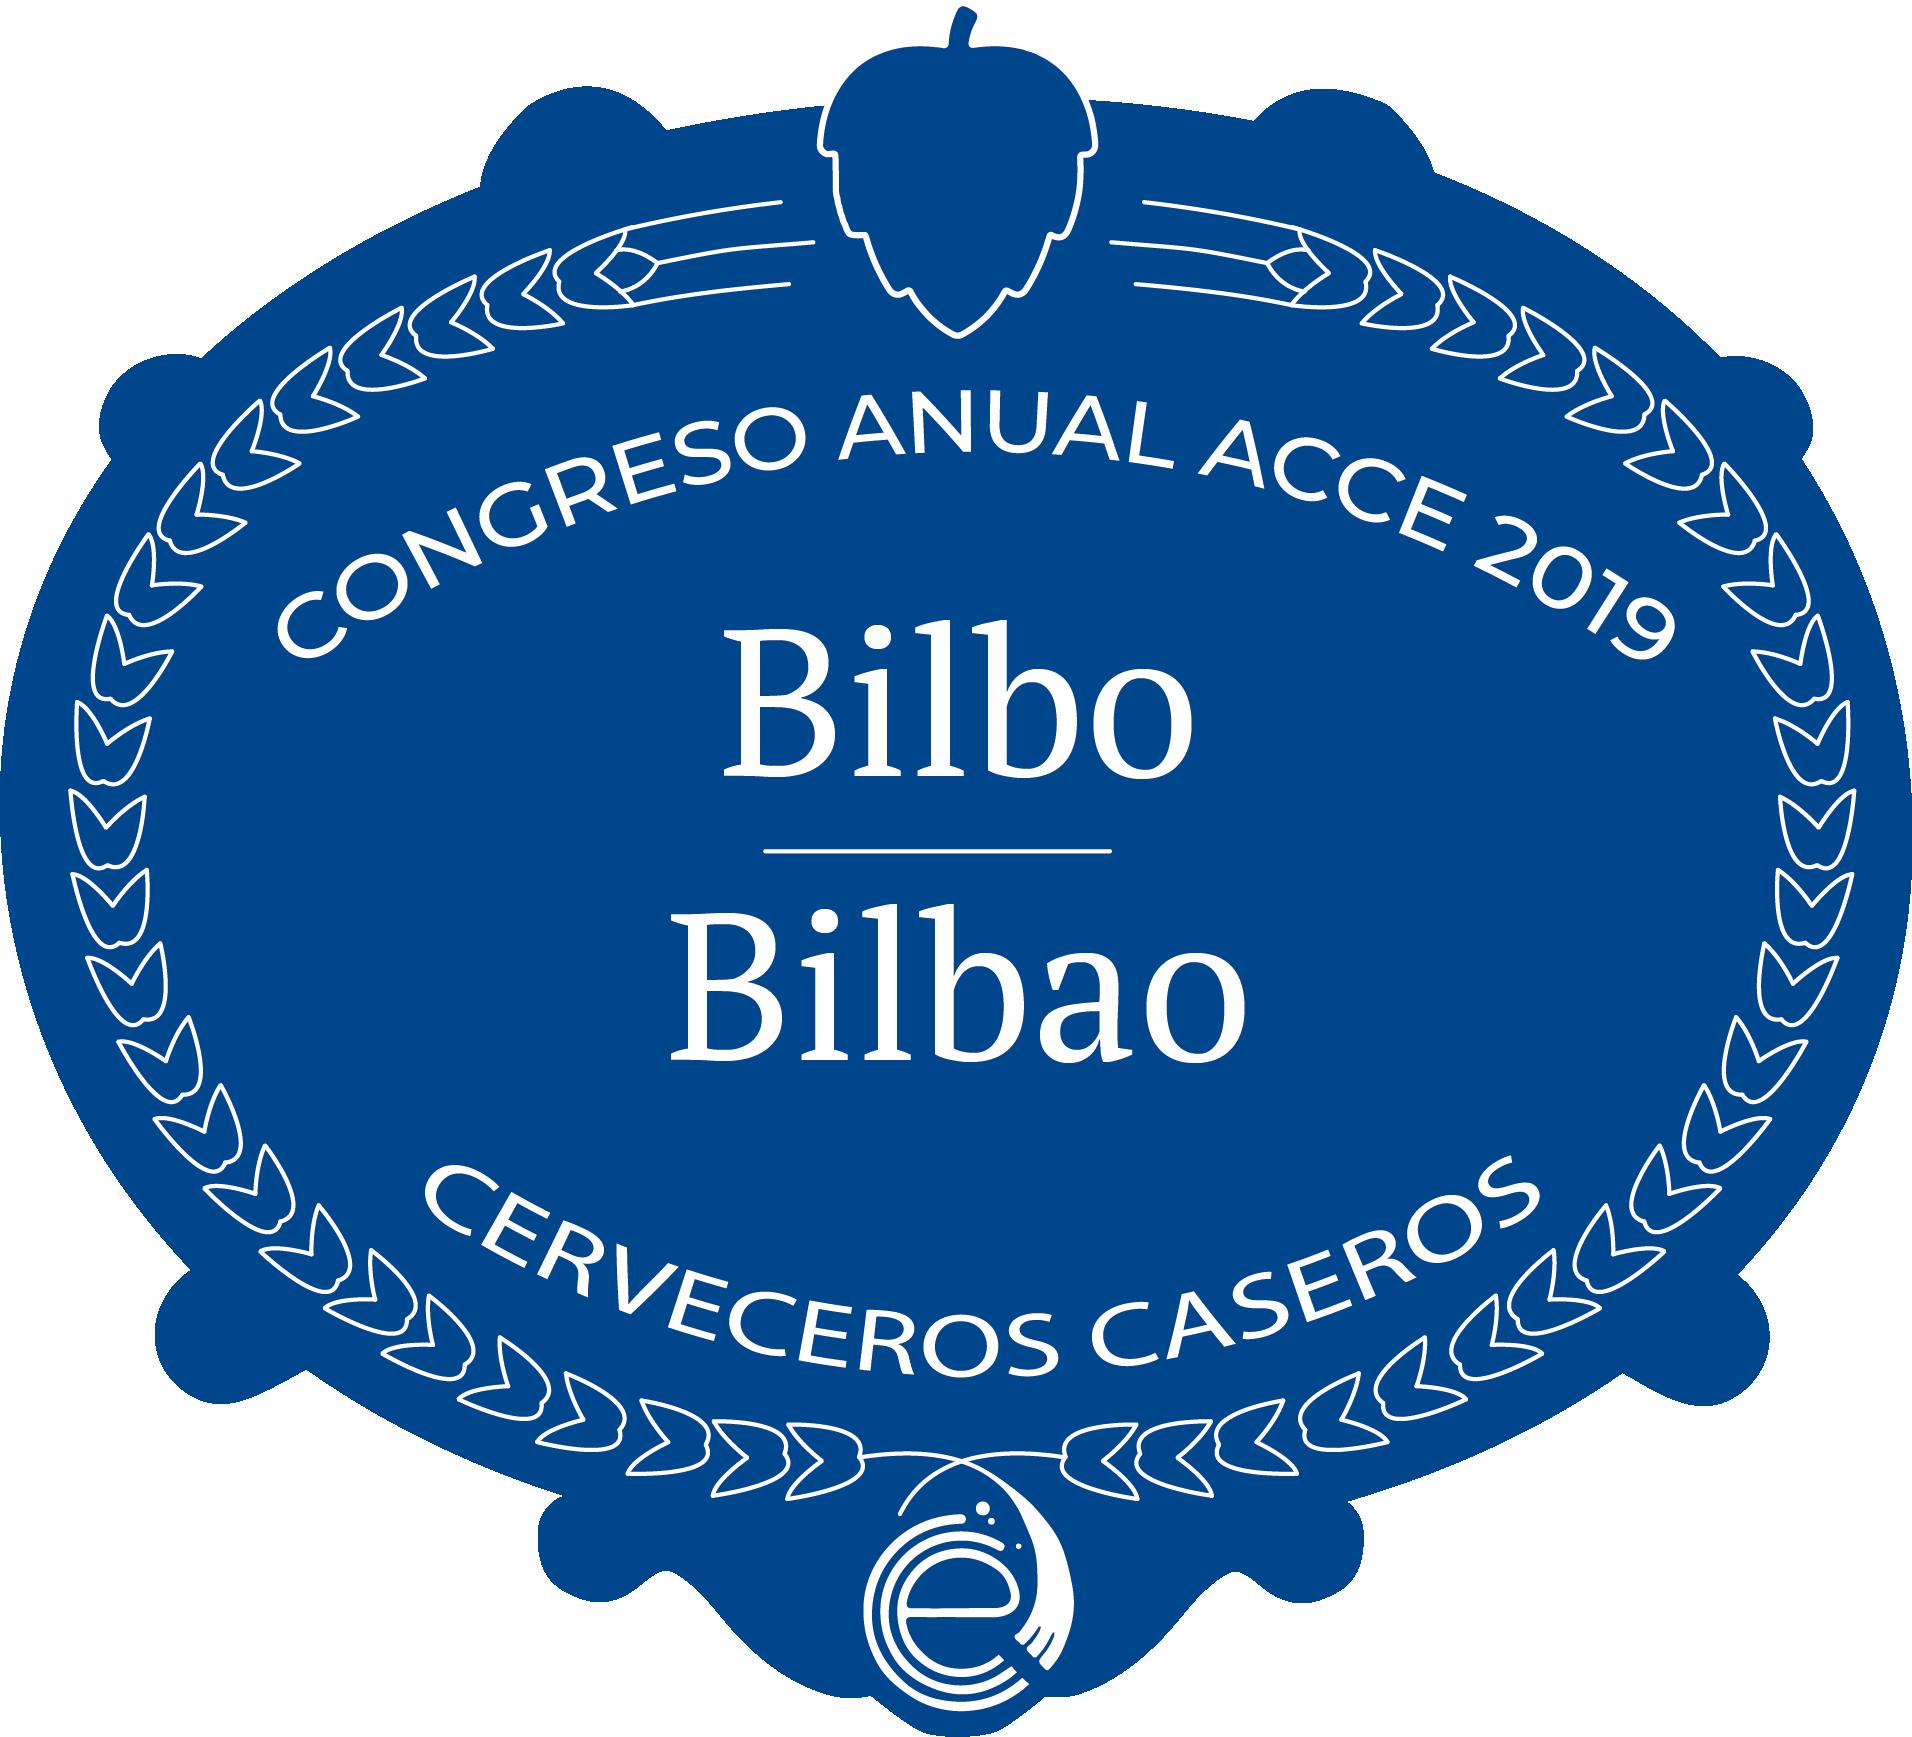 LOGO CONGRESO BILBO 2019